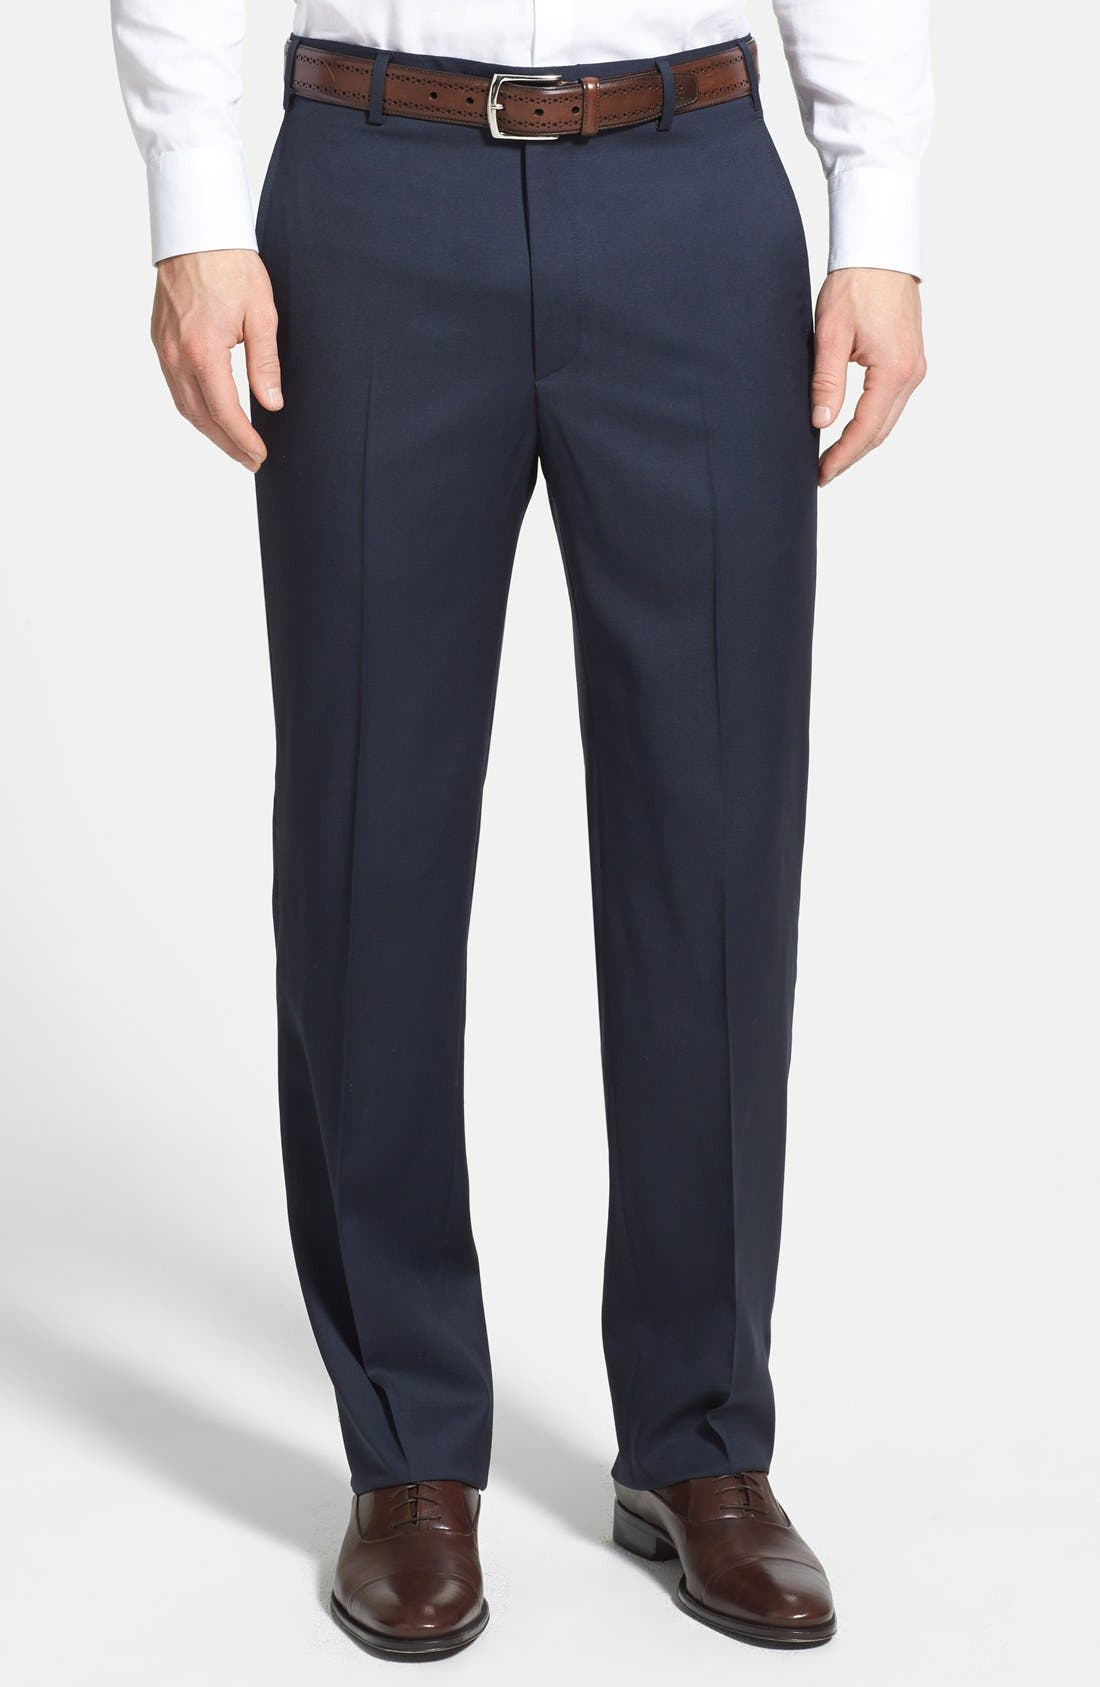 Zanella 'Todd' Flat Front Trousers